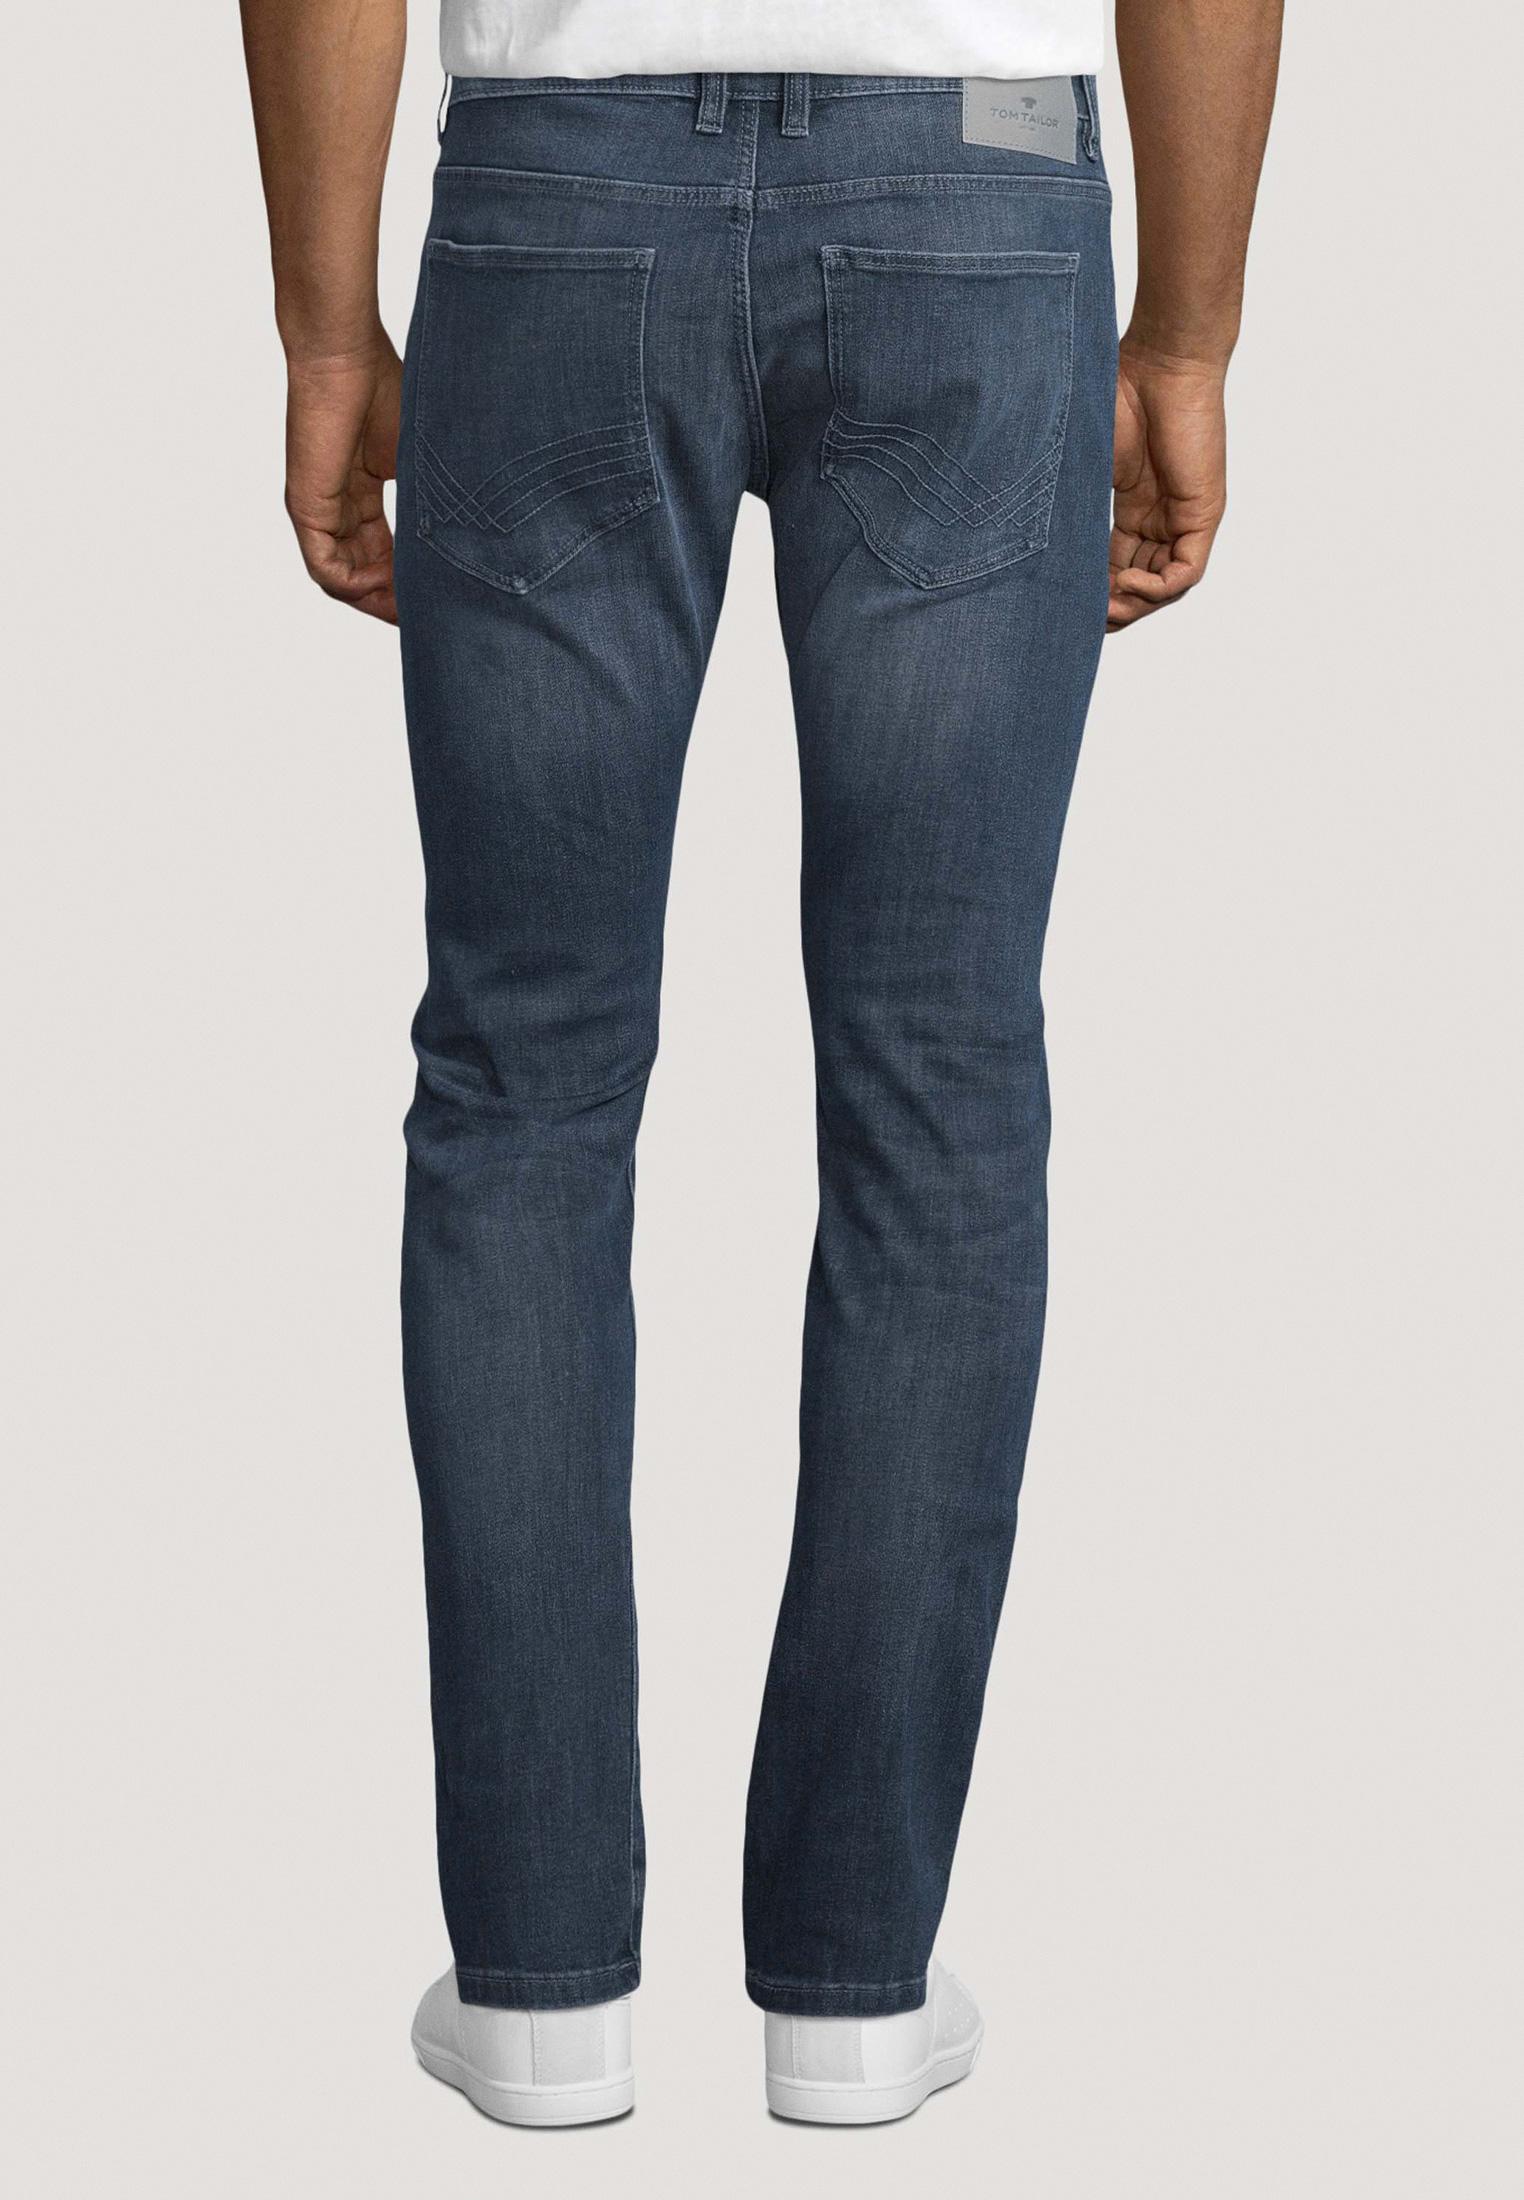 Зауженные джинсы Tom Tailor (Том Тейлор) 1024646: изображение 3